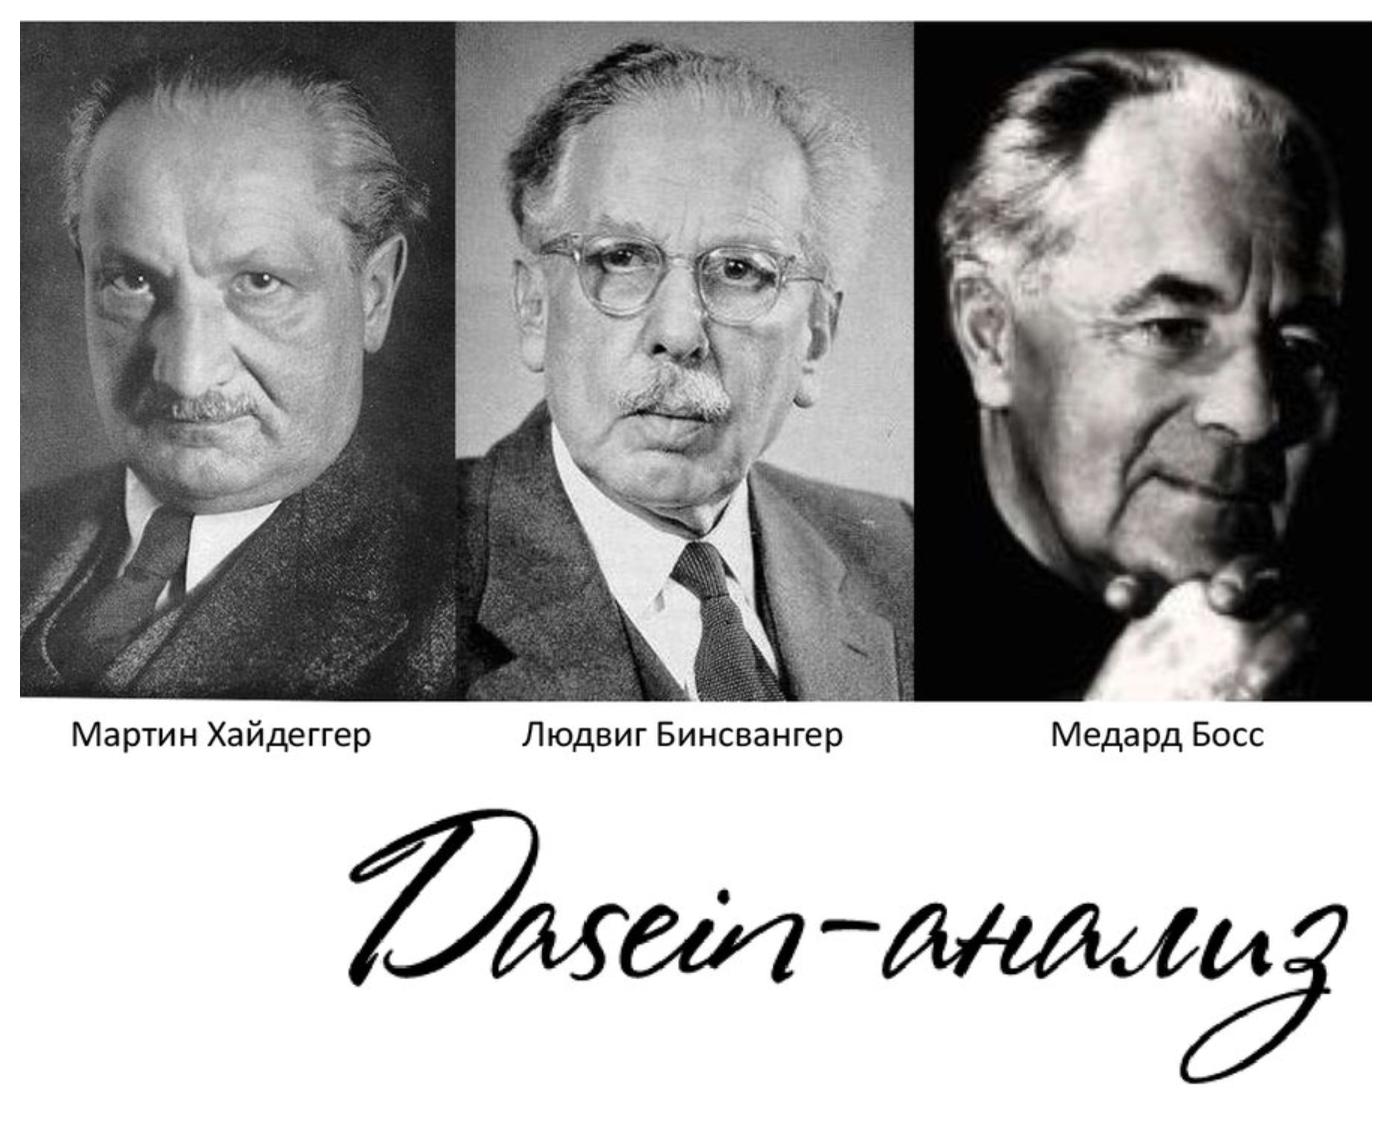 Dasein-анализ Л. Бинсвангера и М. Босса